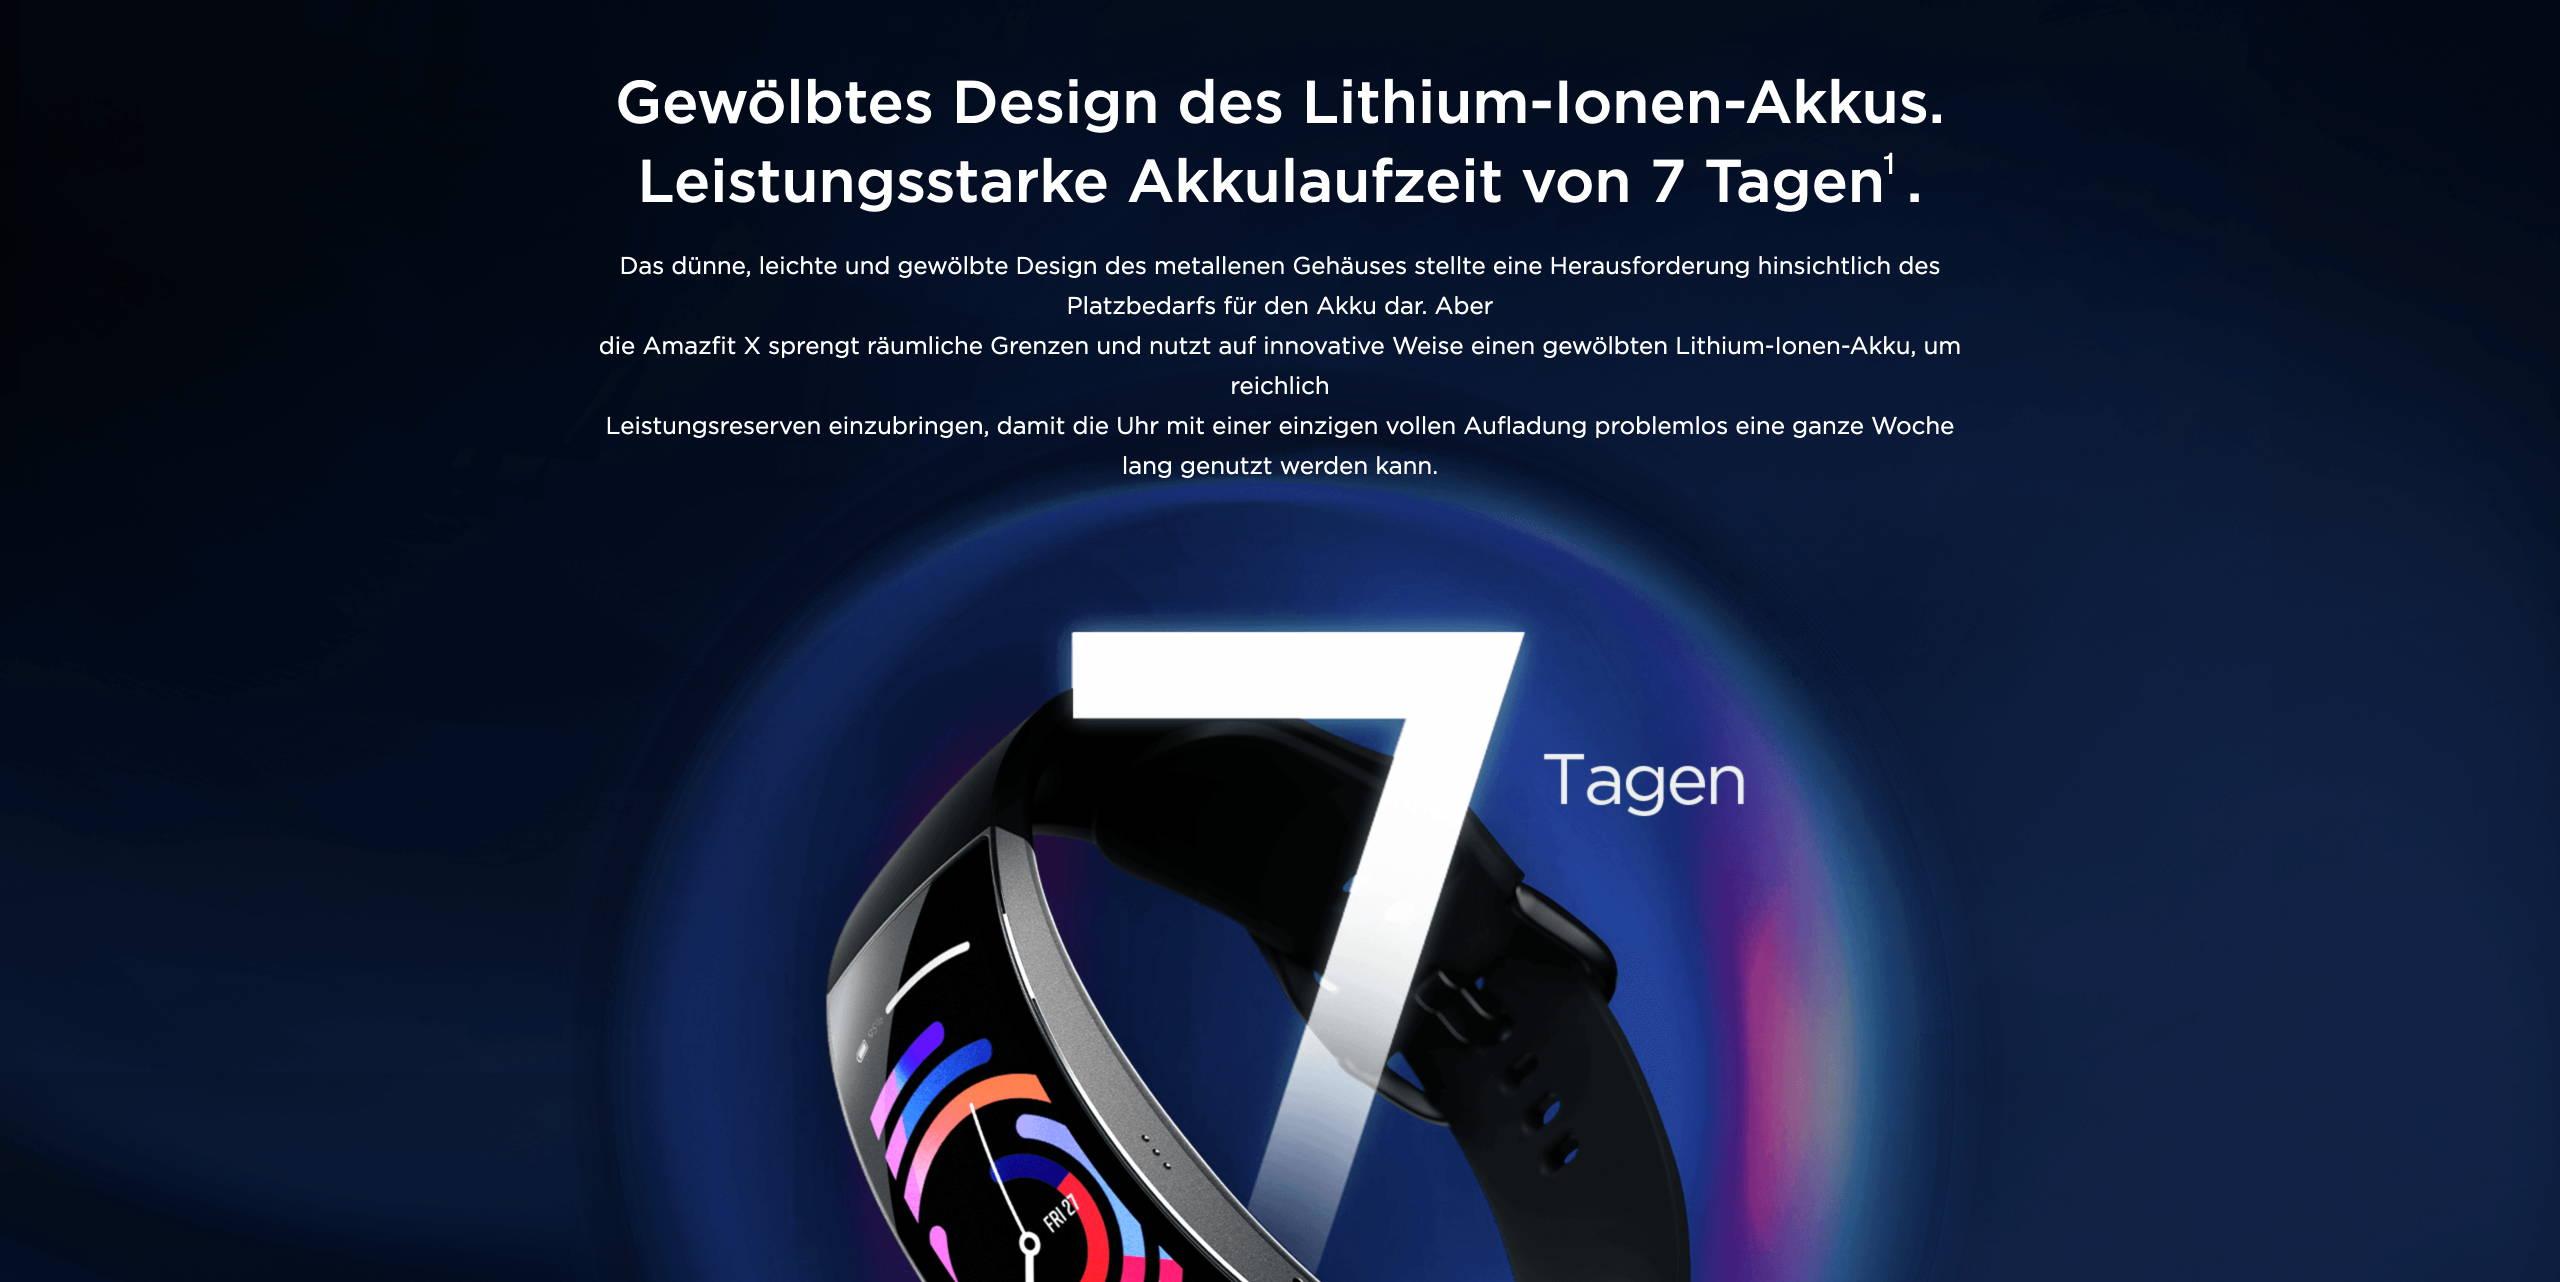 Amazfit X - Gewölbtes Design des Lithium-Ionen-Akkus. Leistungsstarke Akkulaufzeit von 7 Tagen.